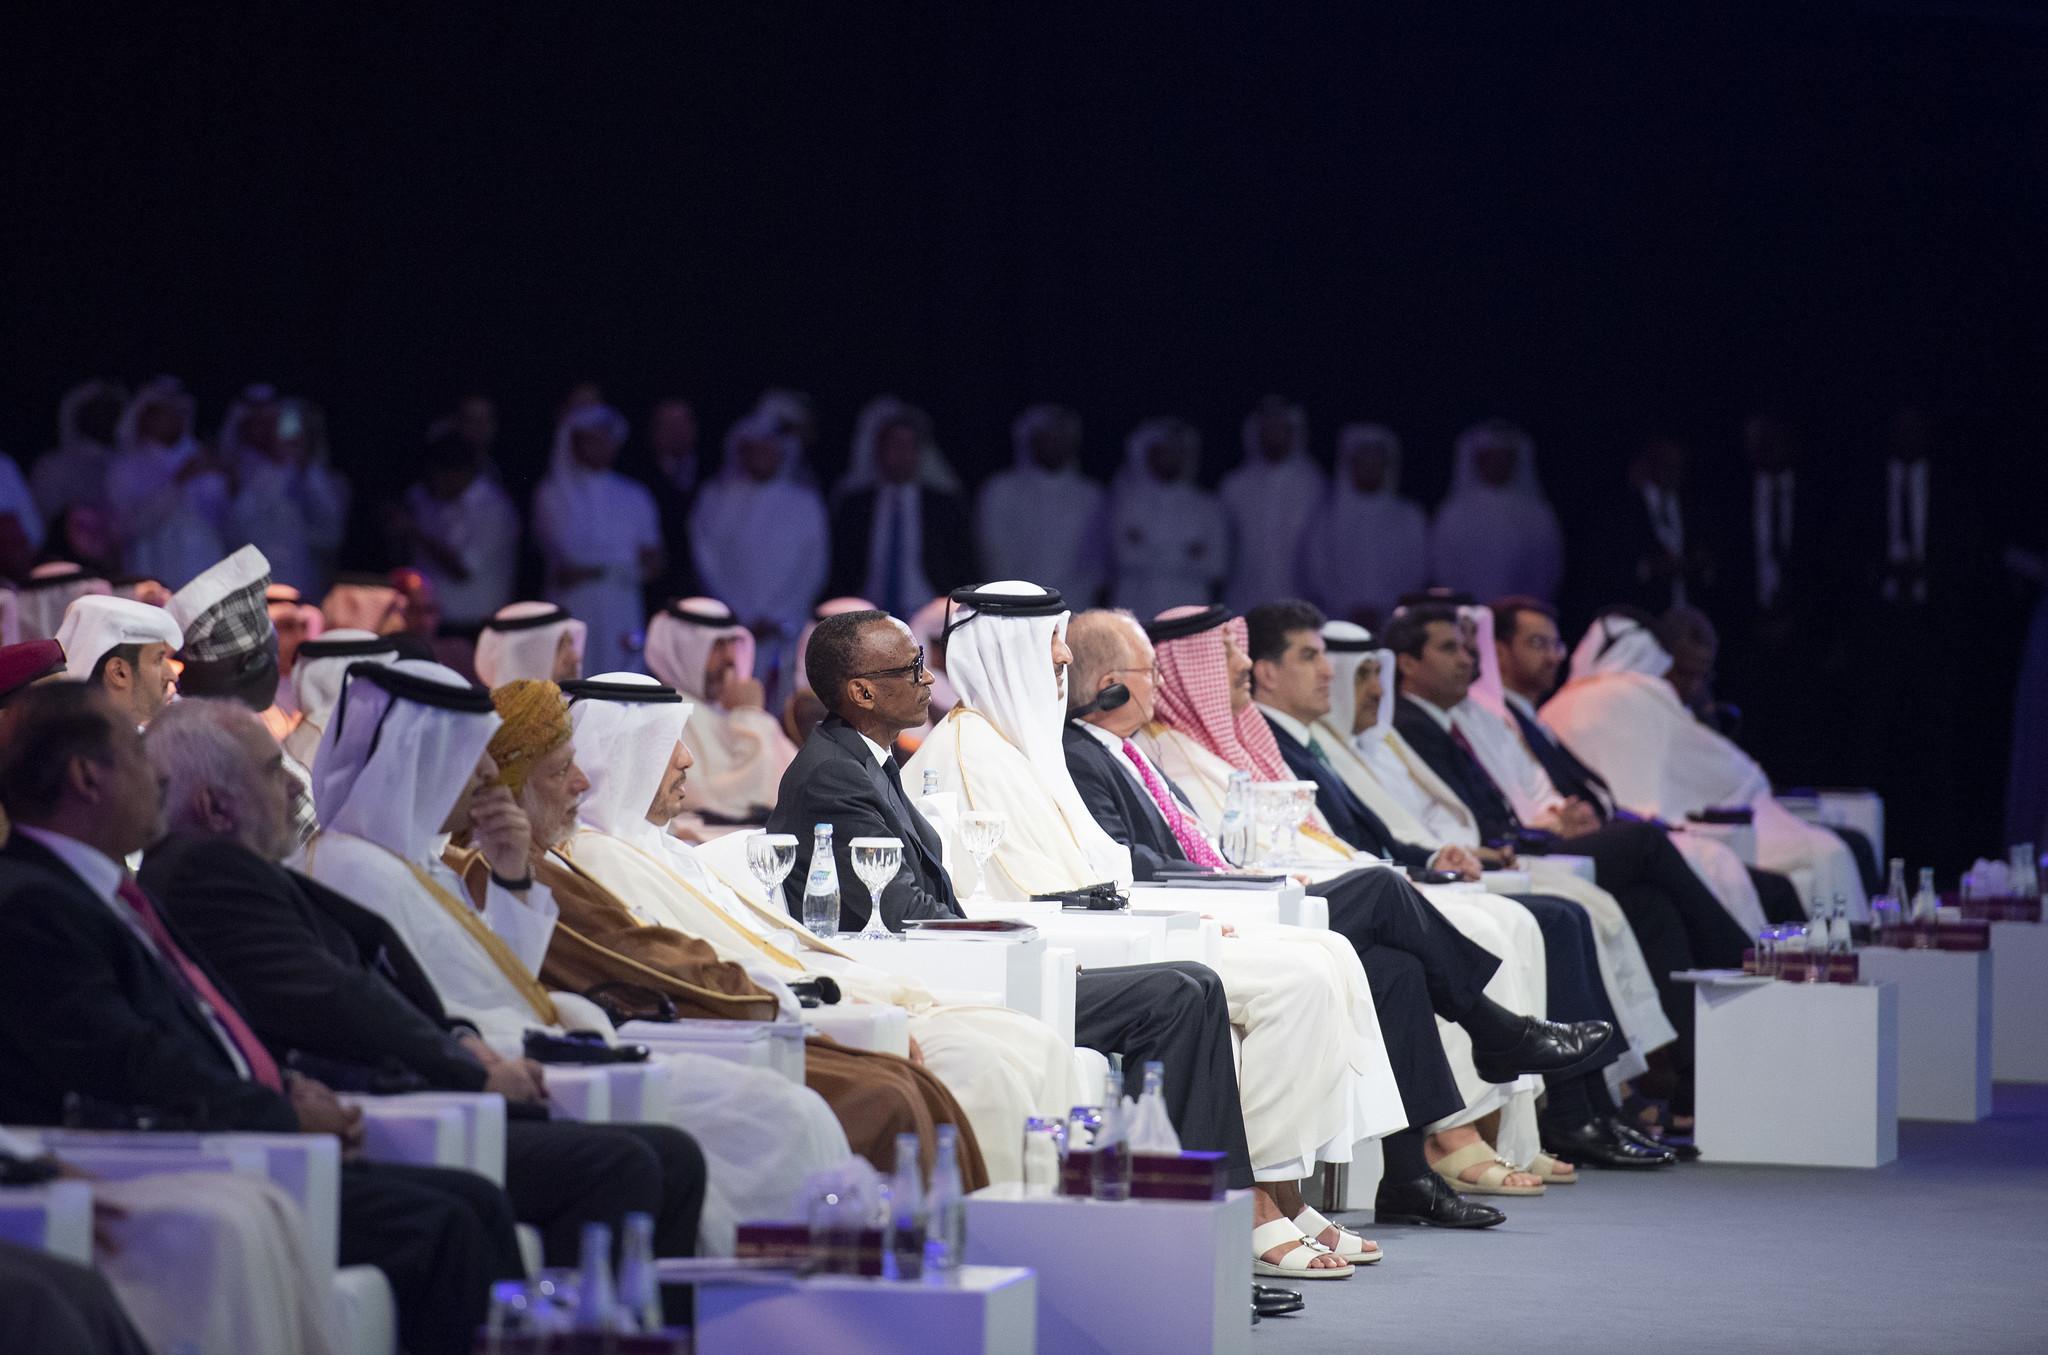 Le président Kagame participe à la cérémonie d'ouverture de la conférence Qitcom 2019 aux côtés de Tamim ben Hamad Al Thani.